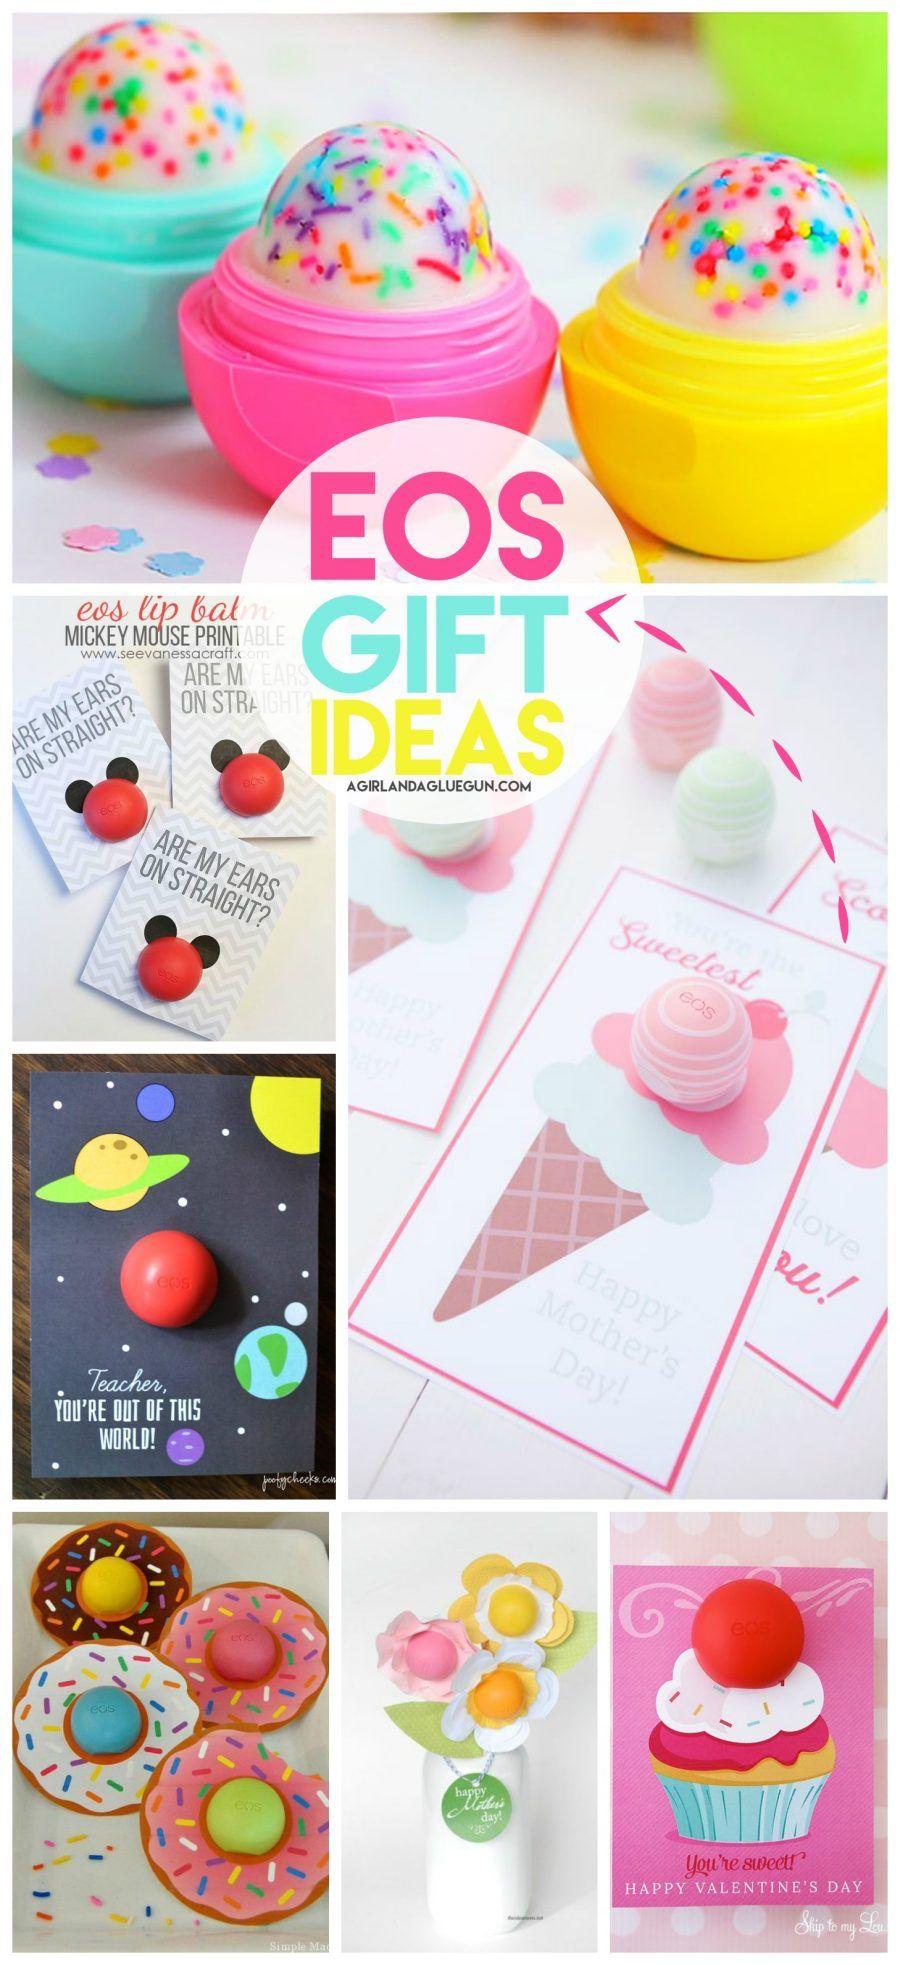 20 EOS Gift Ideas